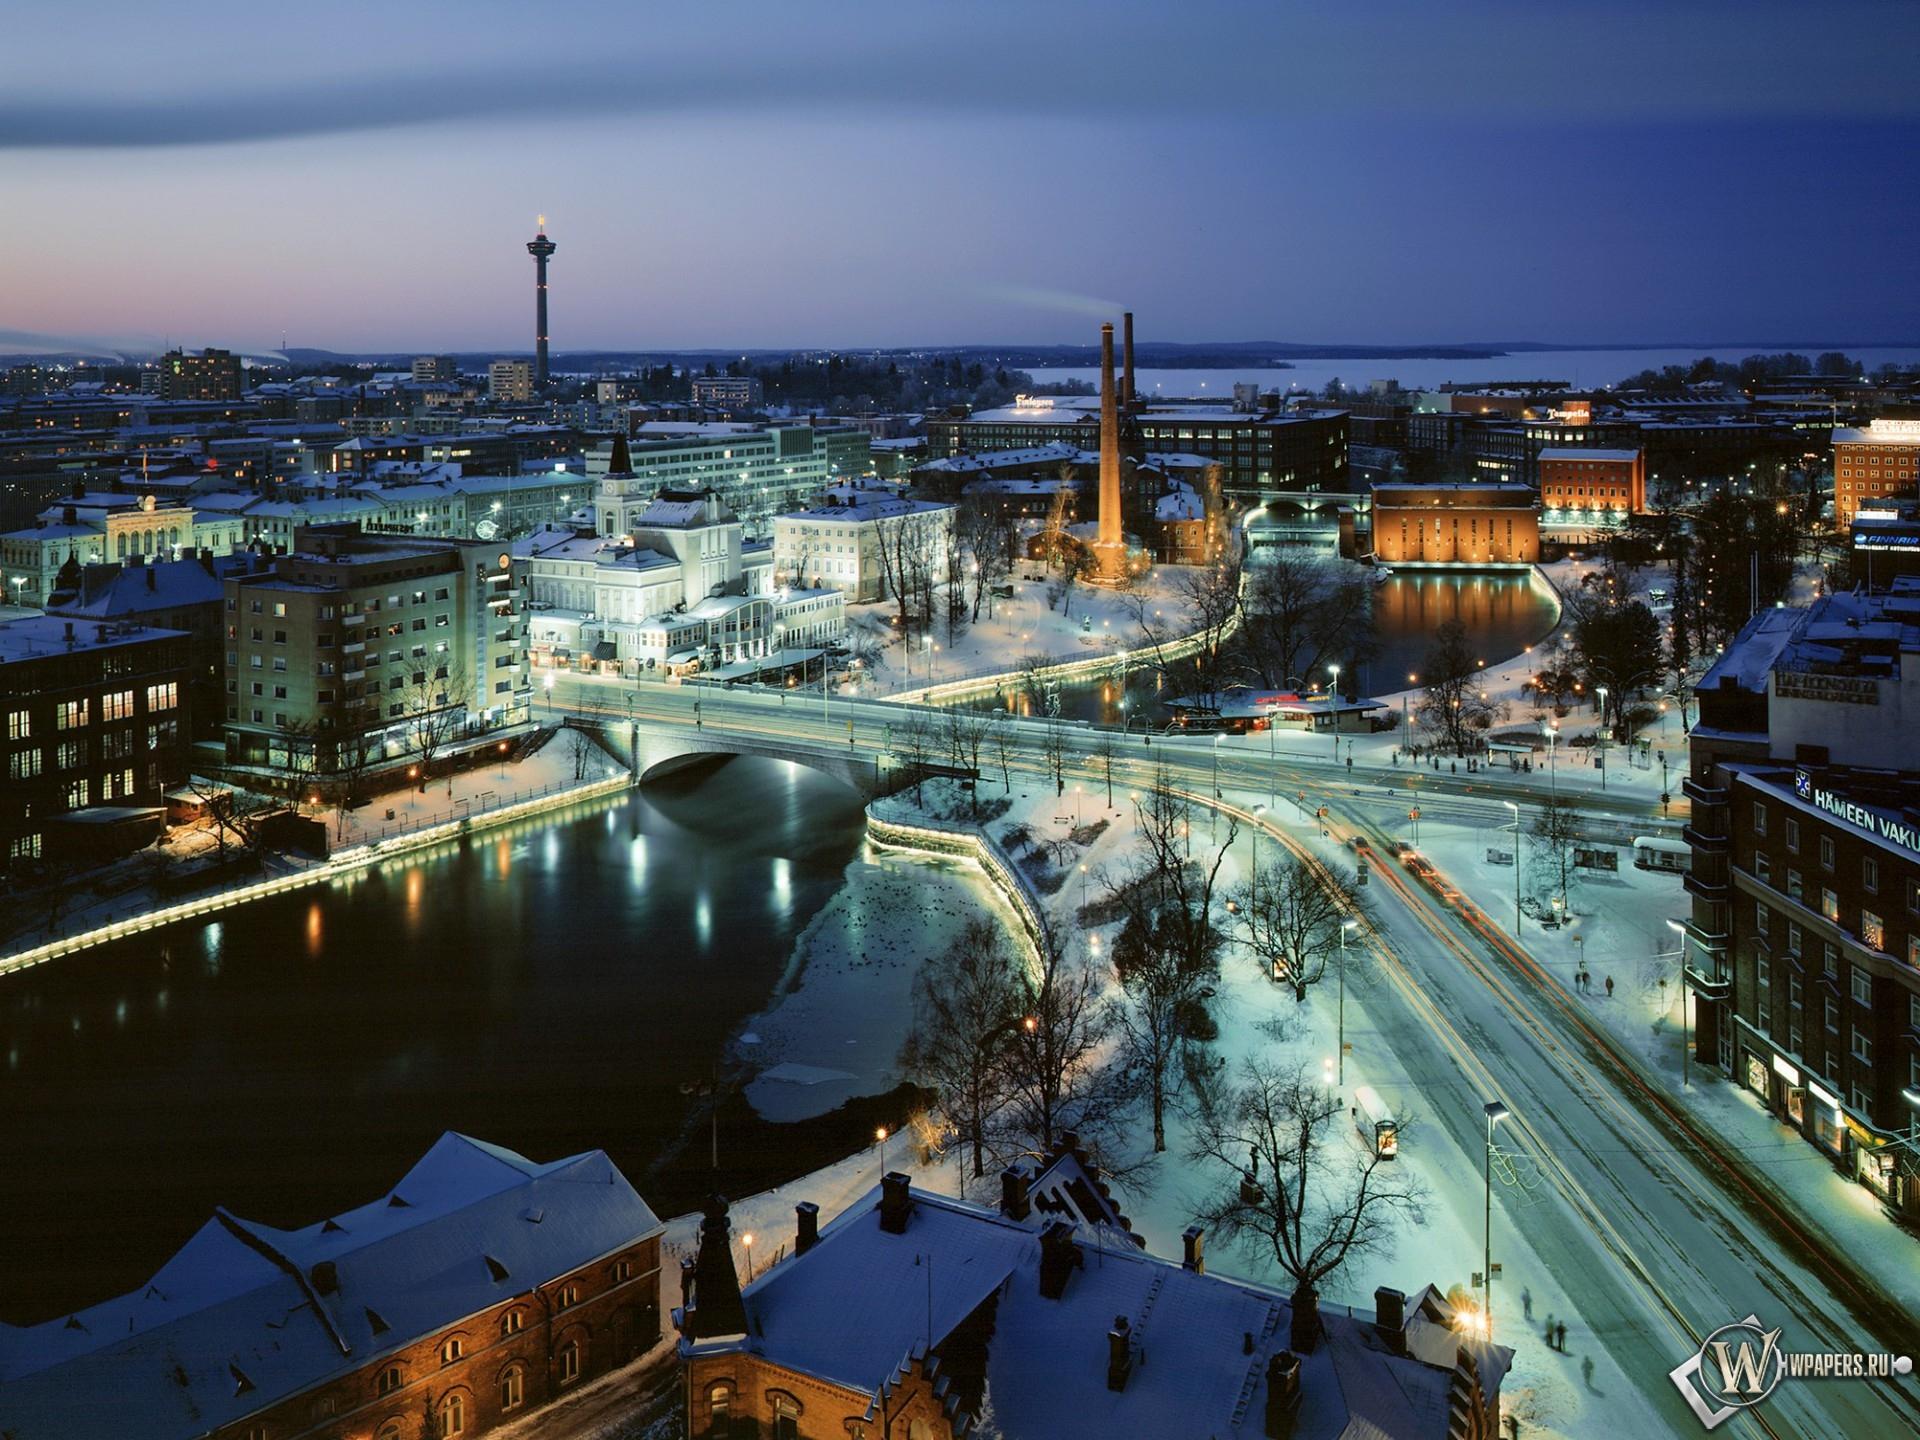 Финляндия - Тампере 1920x1440